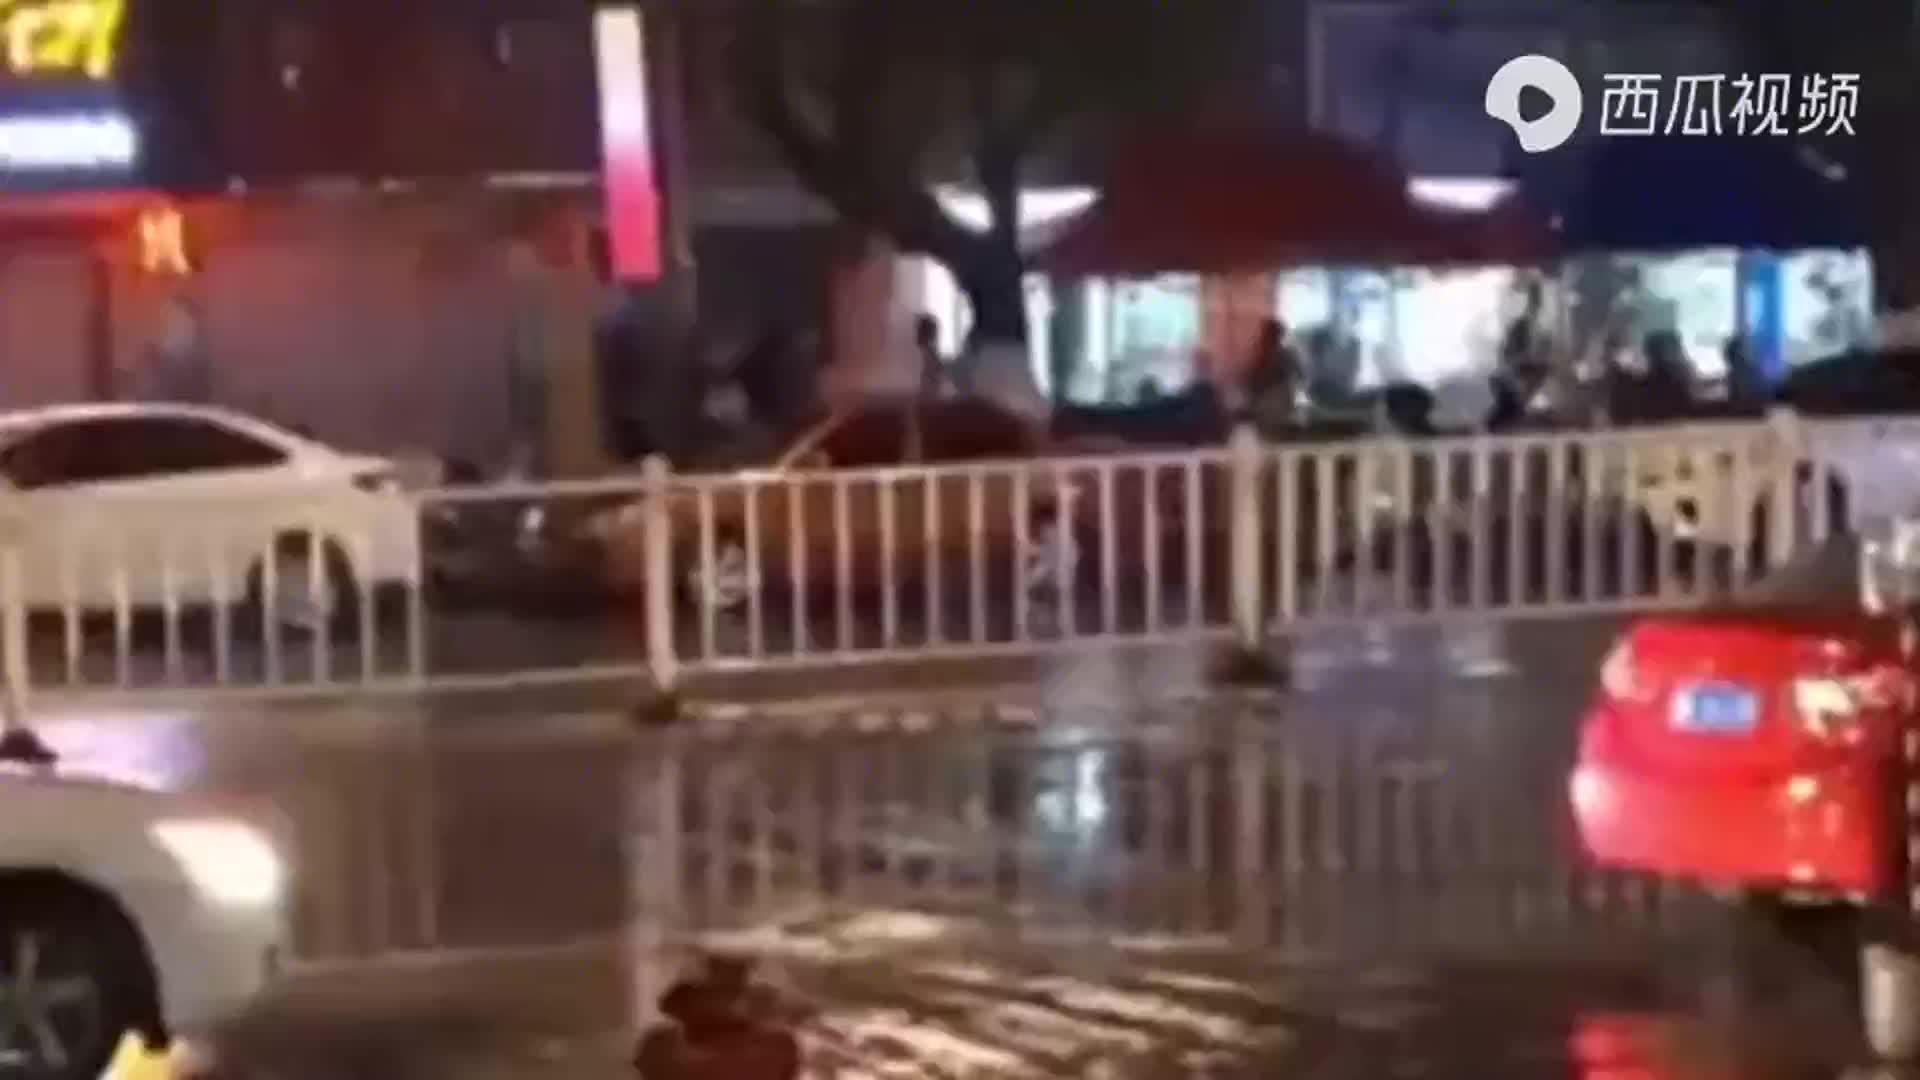 夜宵摊骚扰女性酿故意伤害案 一名男子被刀捅伤致死!